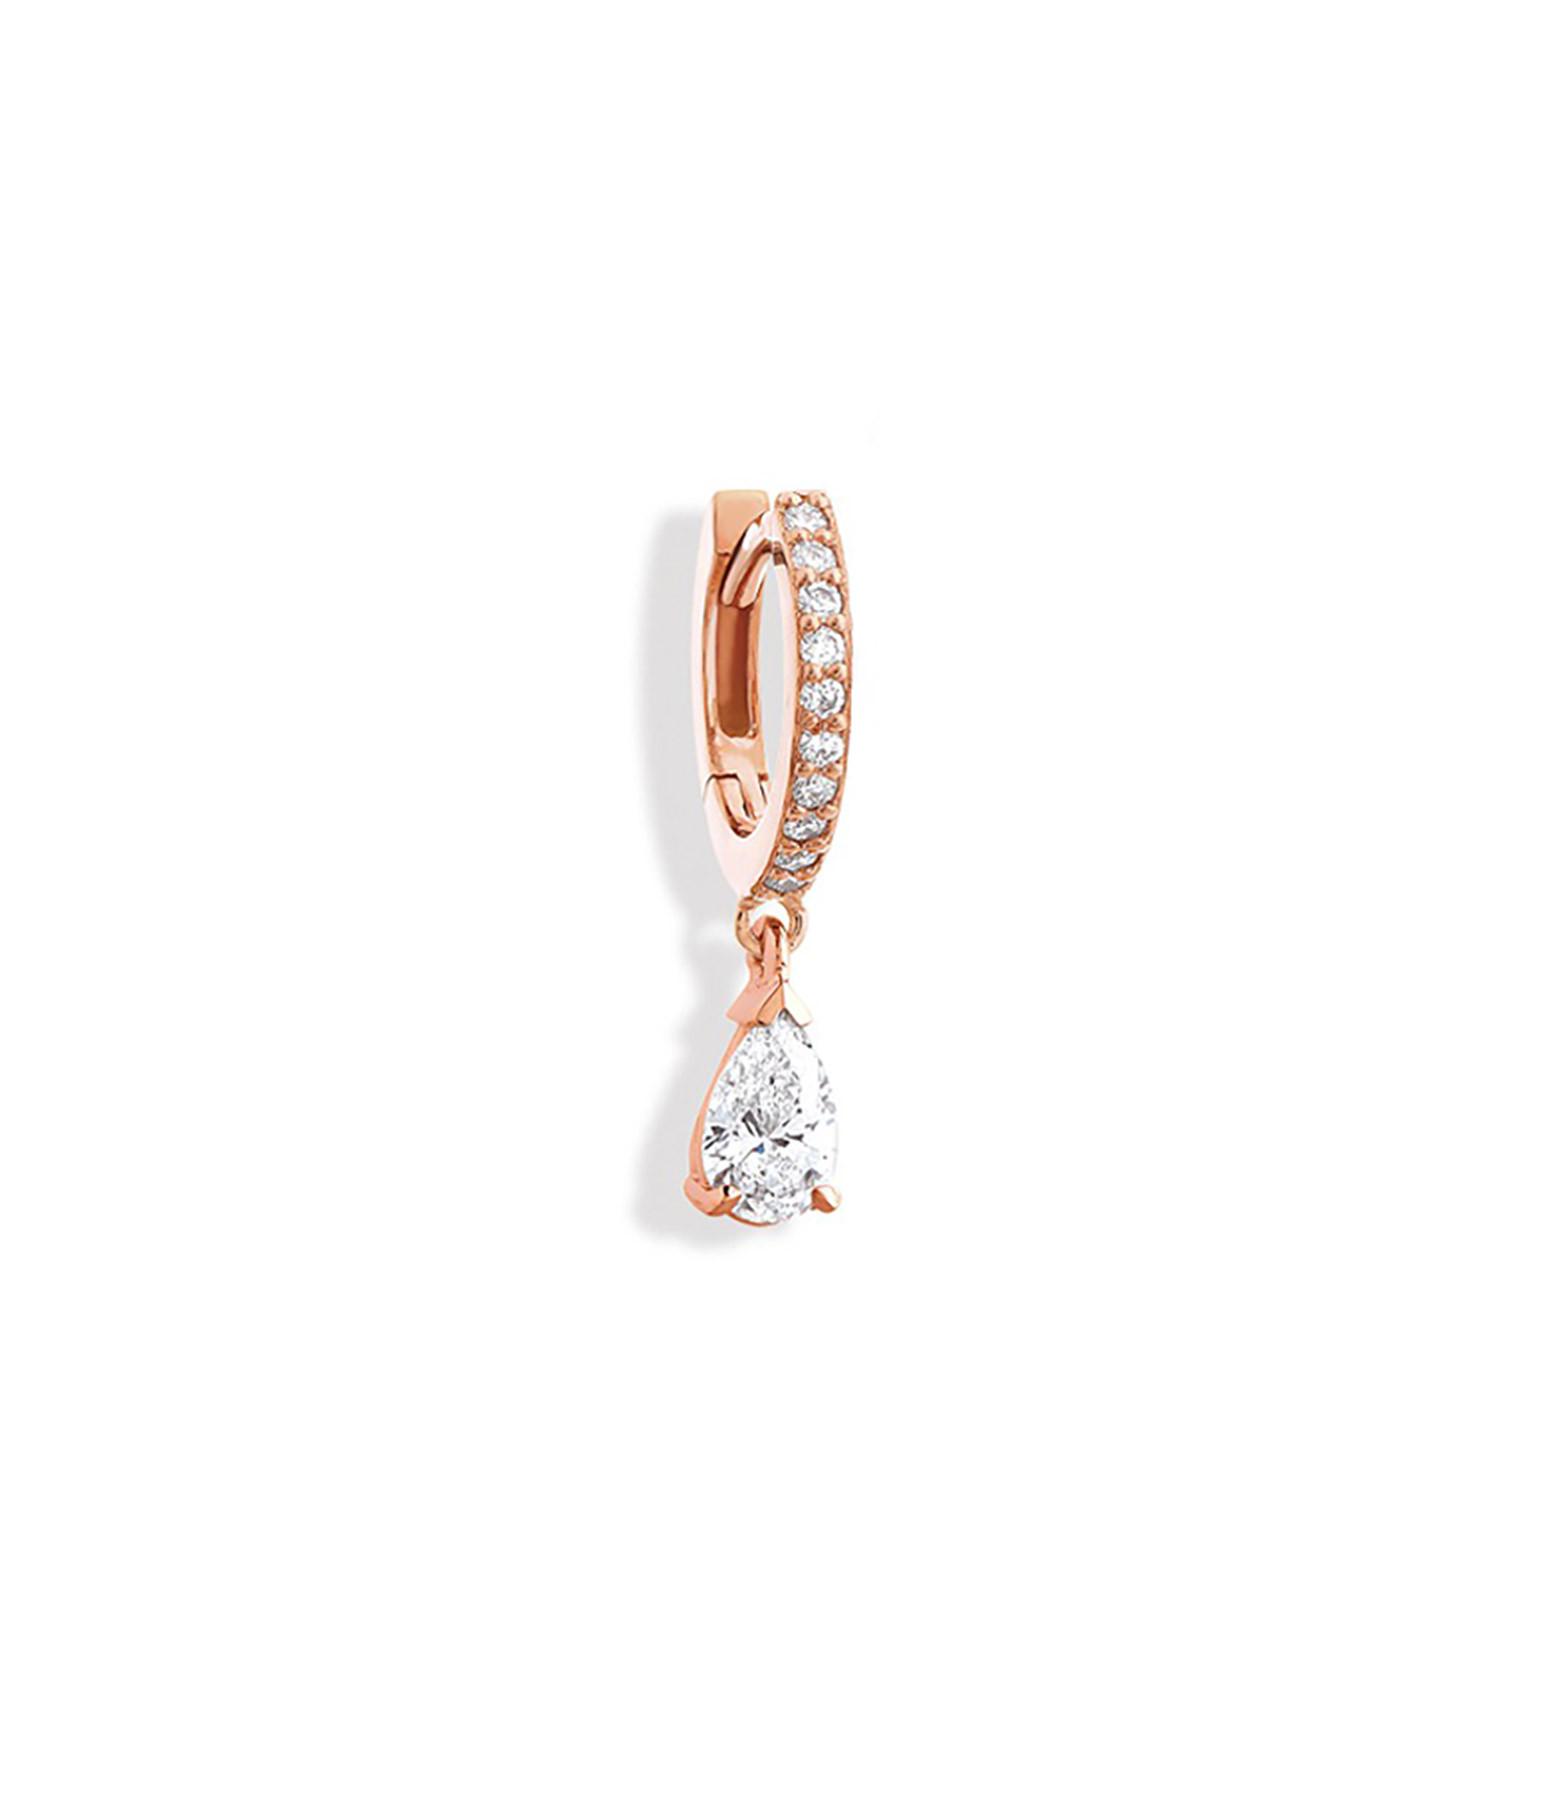 NAVA JOAILLERIE - Boucle d'oreille Isa Or Rose (vendue à l'unité)